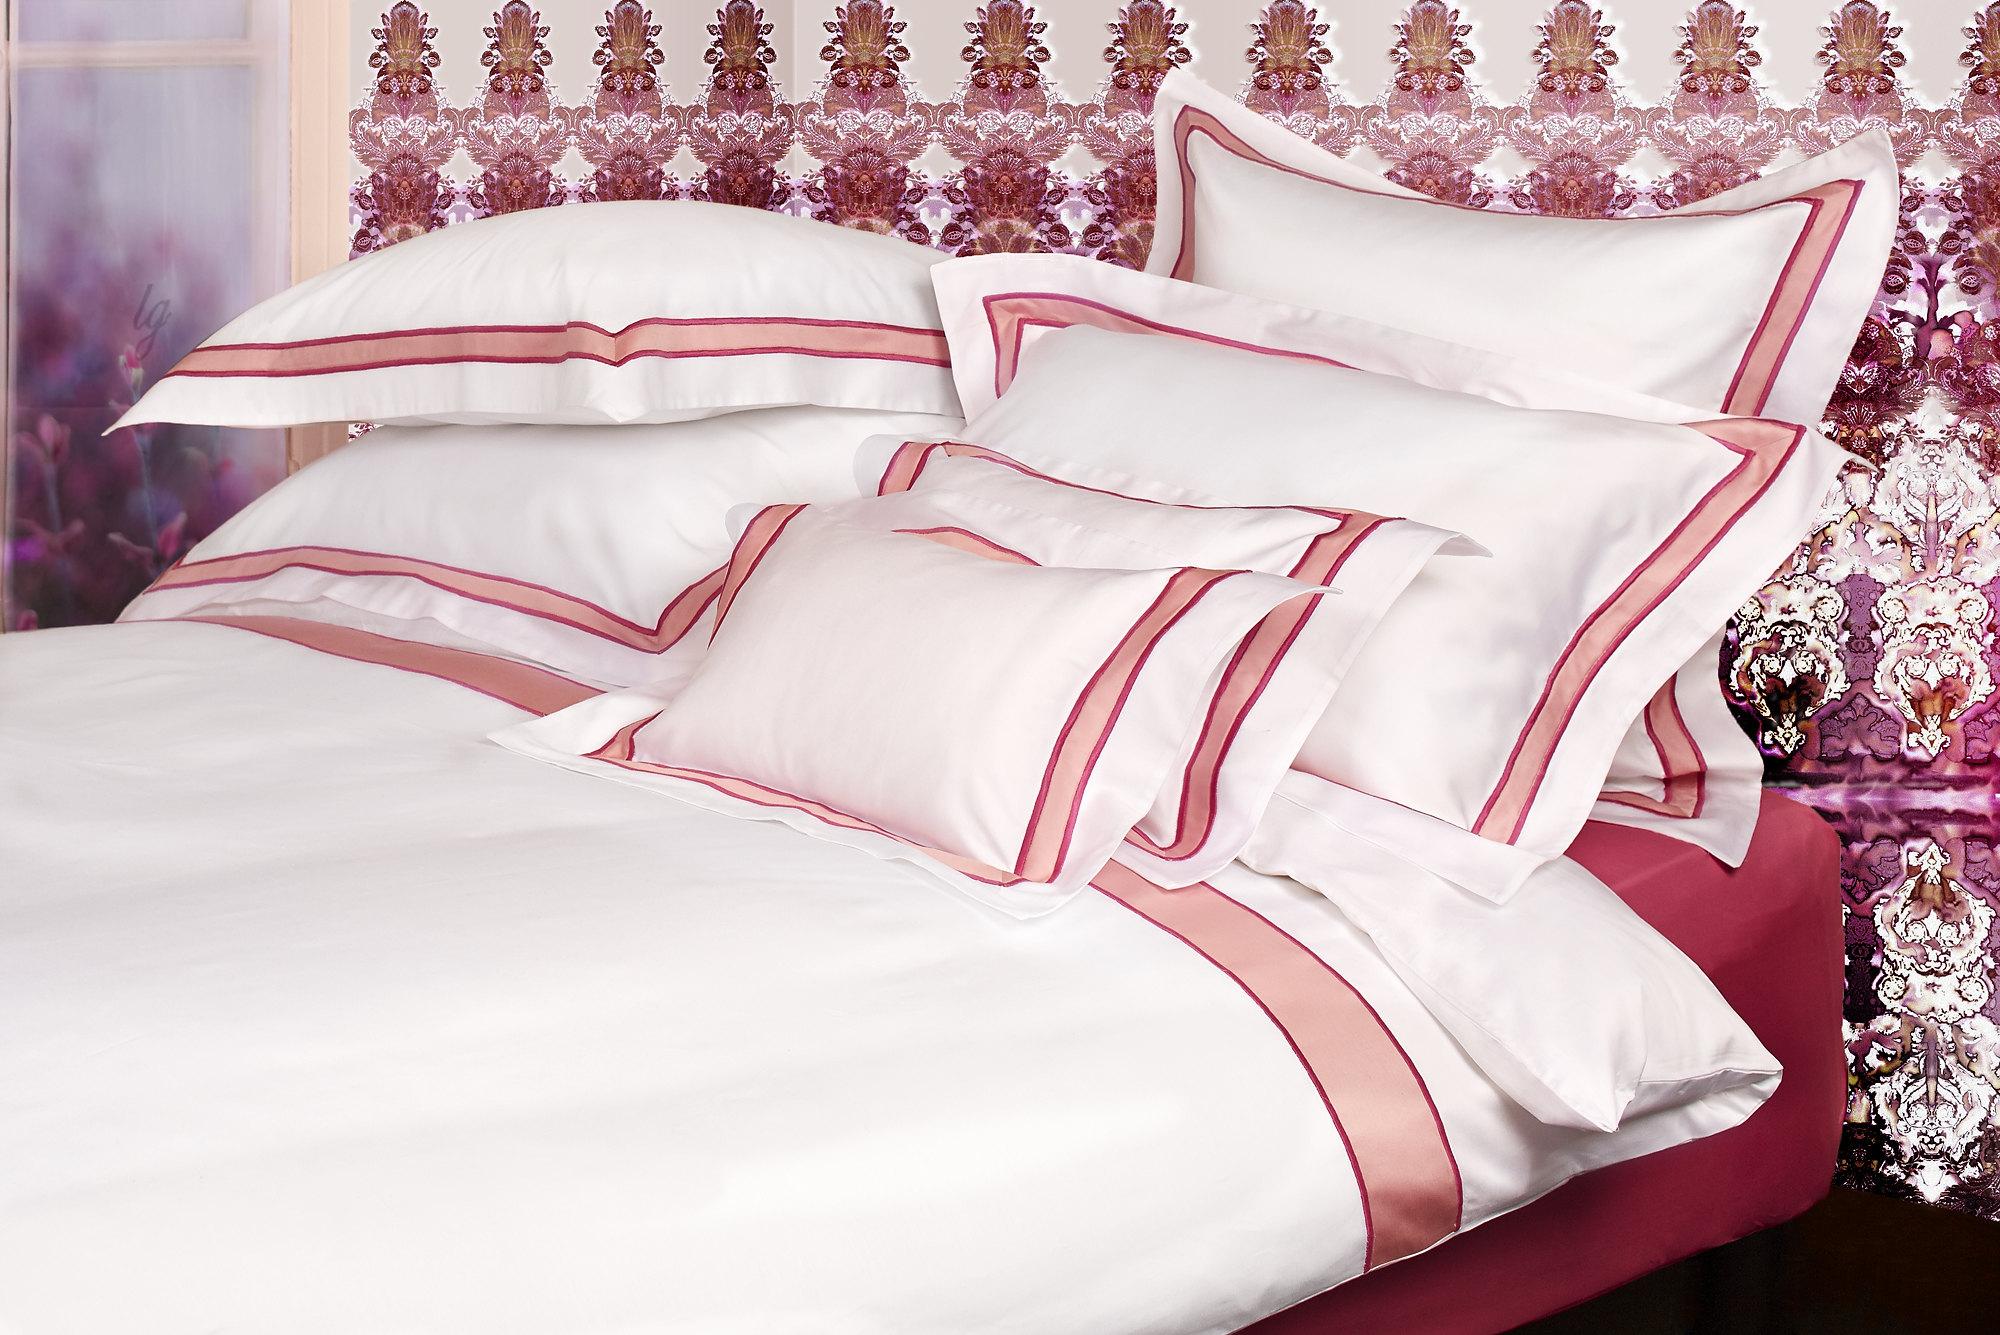 Marque de linge de maison haut de gamme fabulous drap housse with marque de linge de maison for Linge de lit de marque en soldes